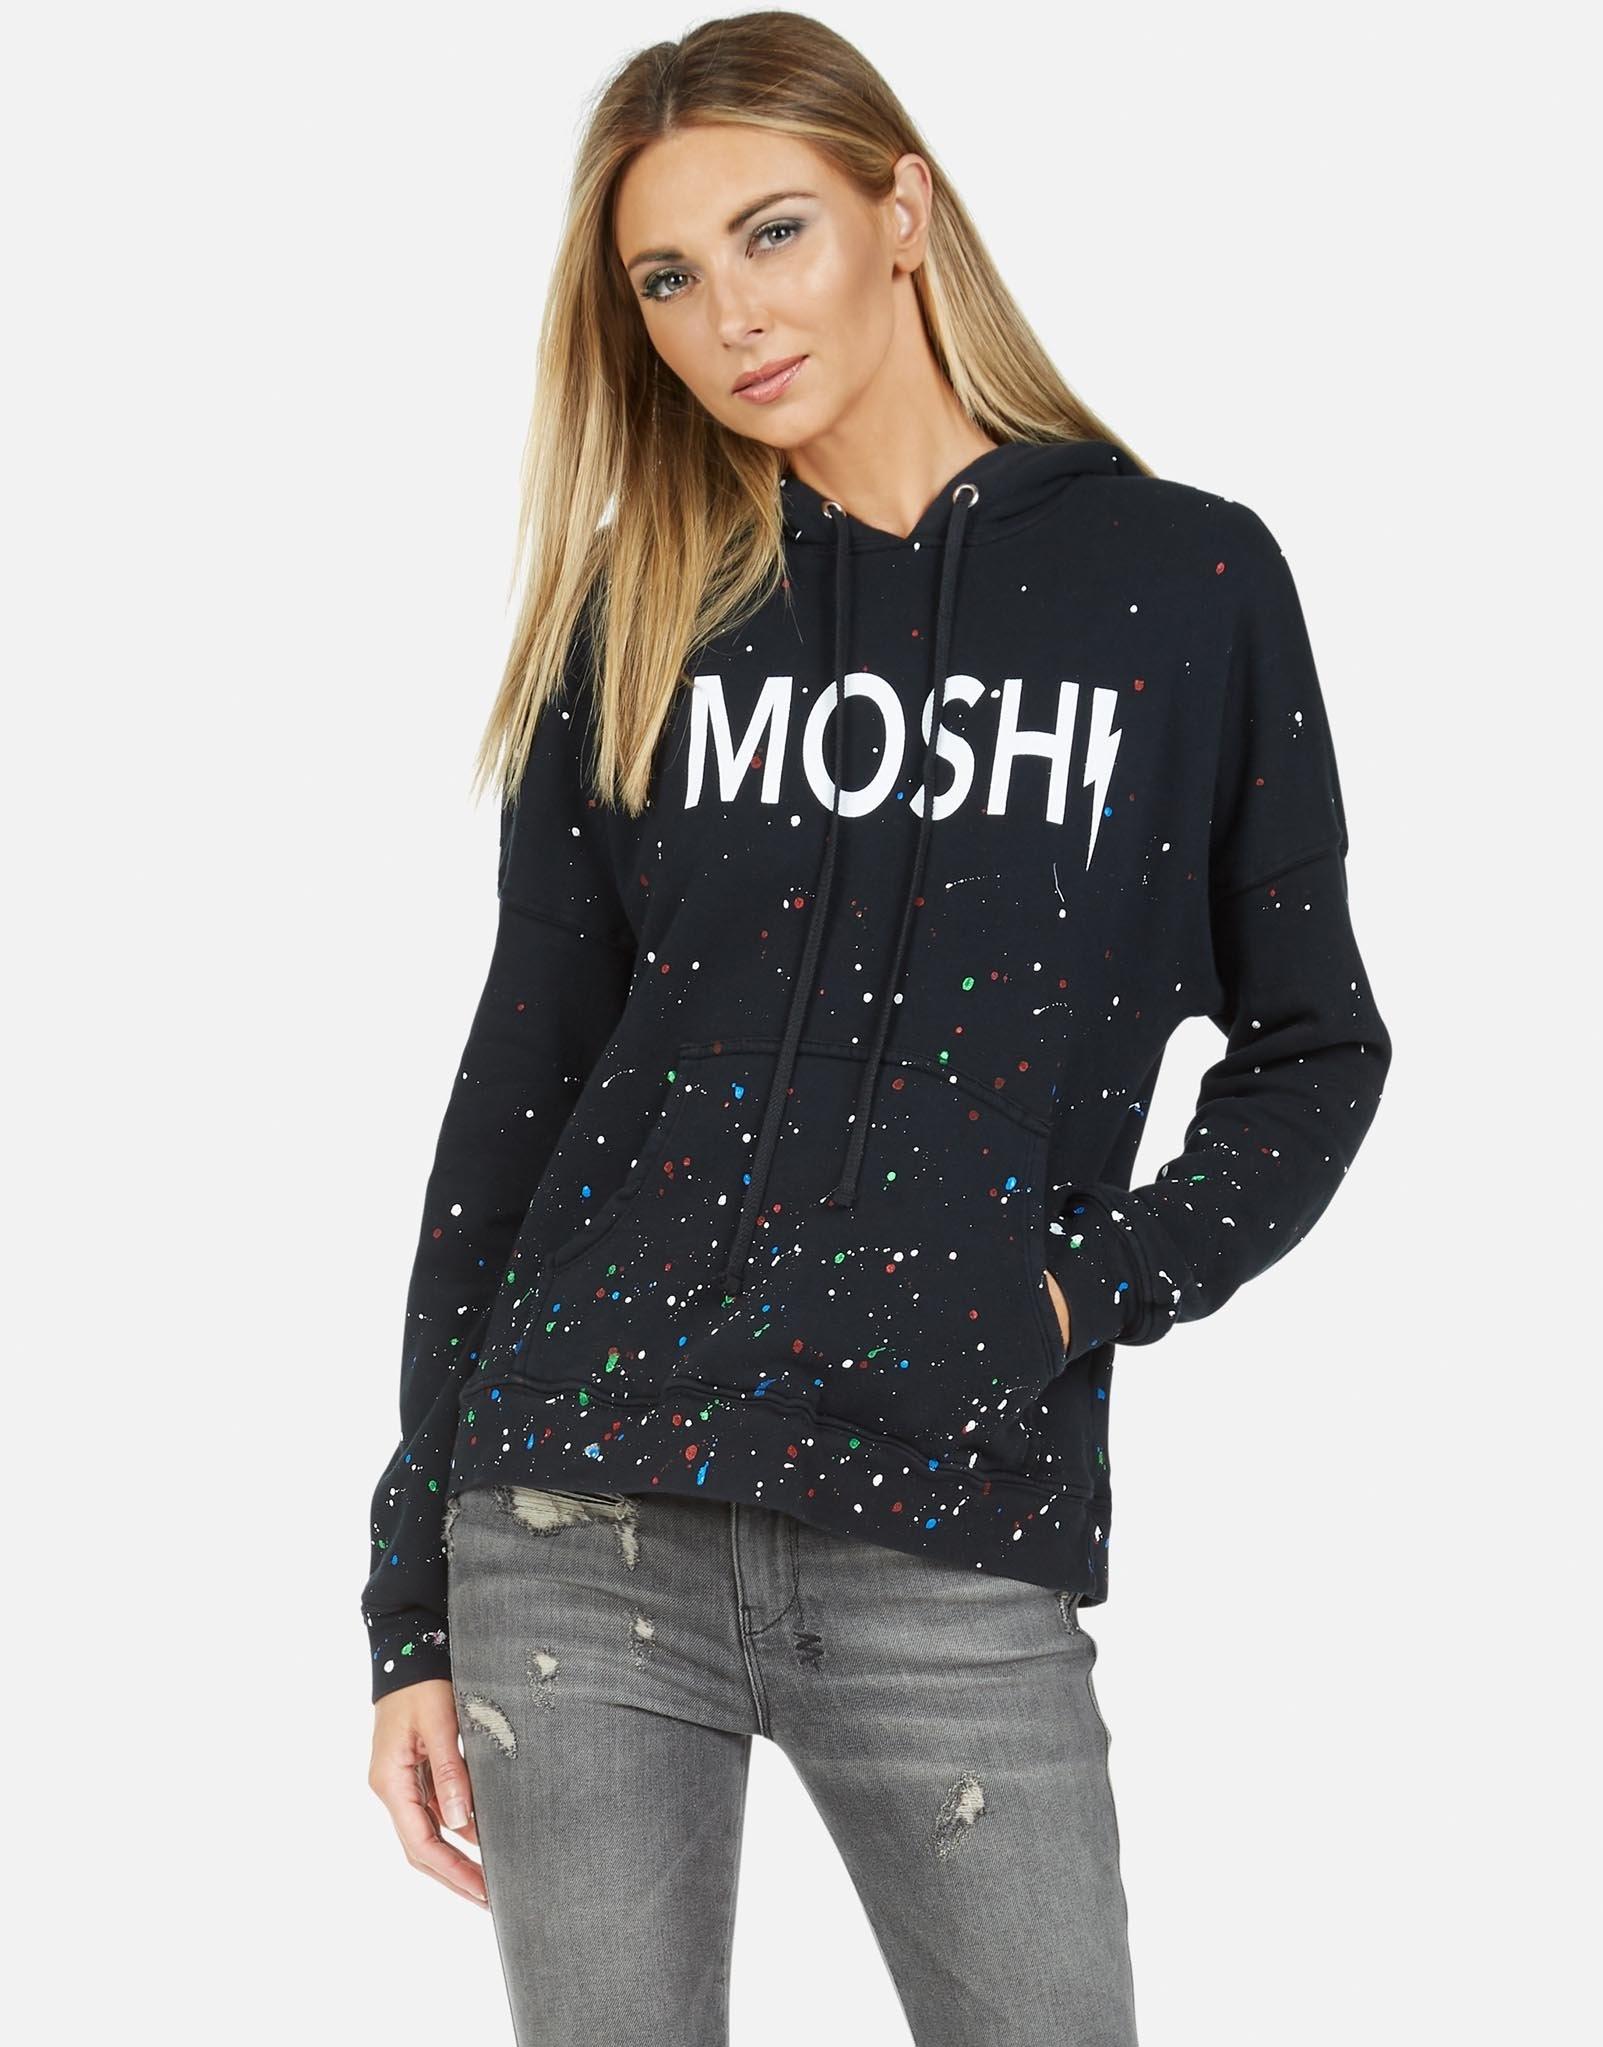 Lauren Moshi Melanie P/O Hoodie Black/Multi Splatter